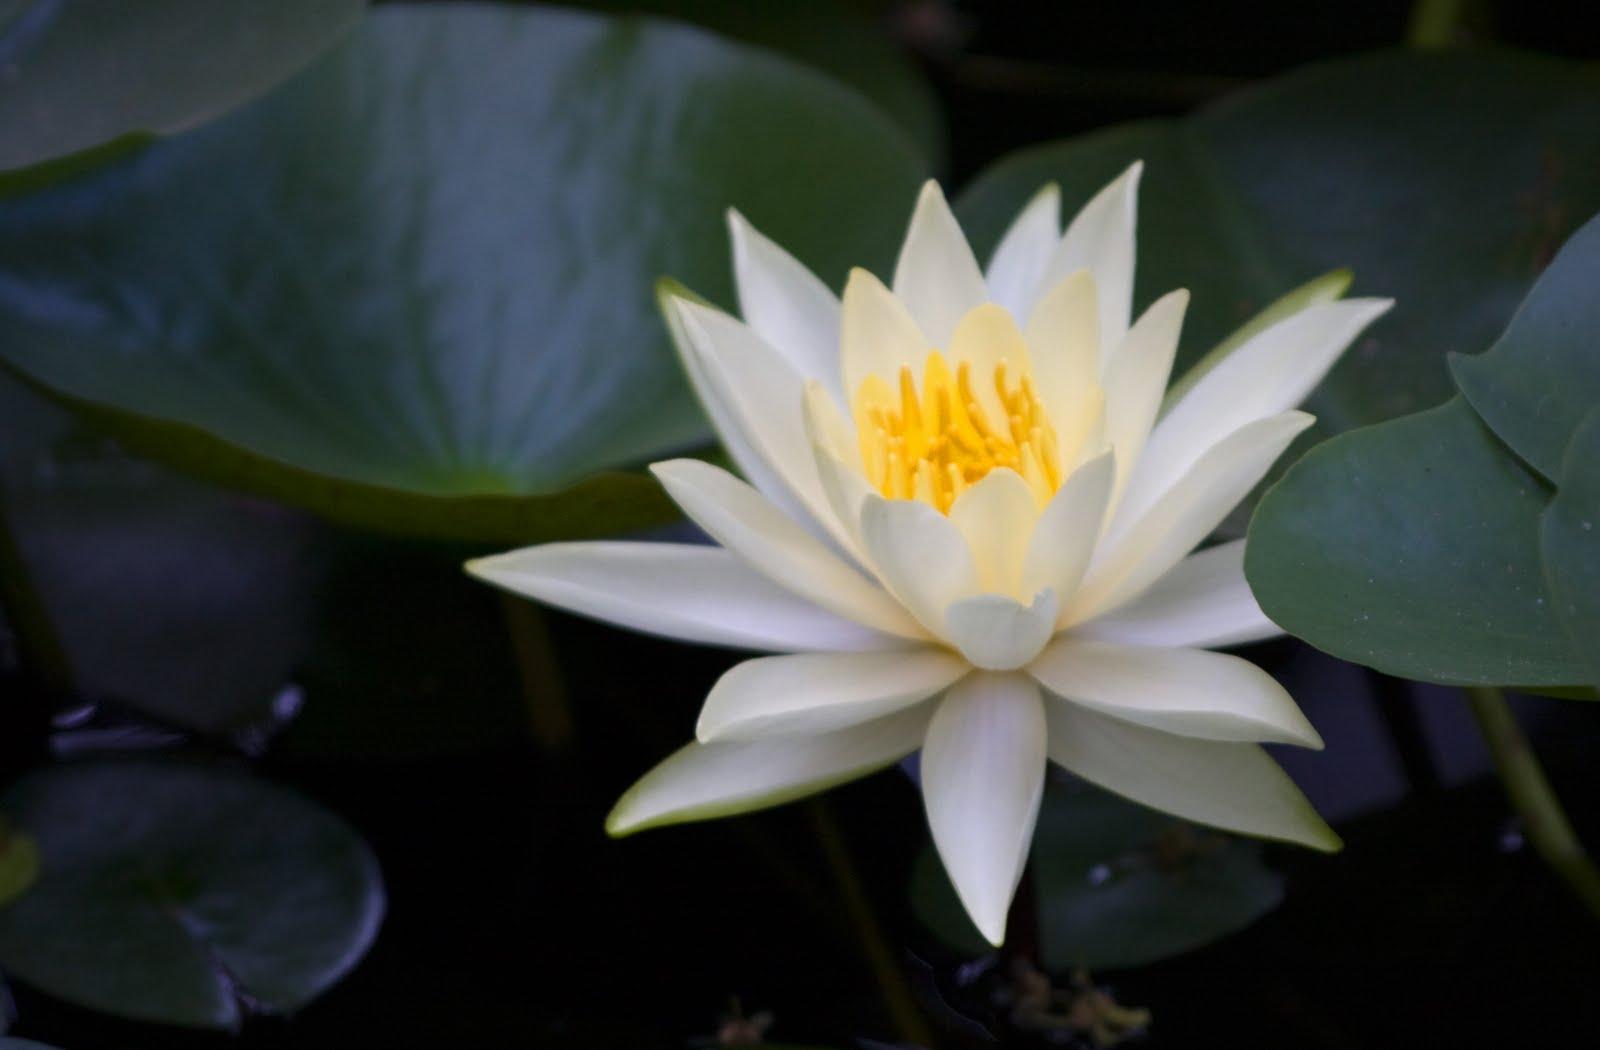 .: Flor de Loto blanca